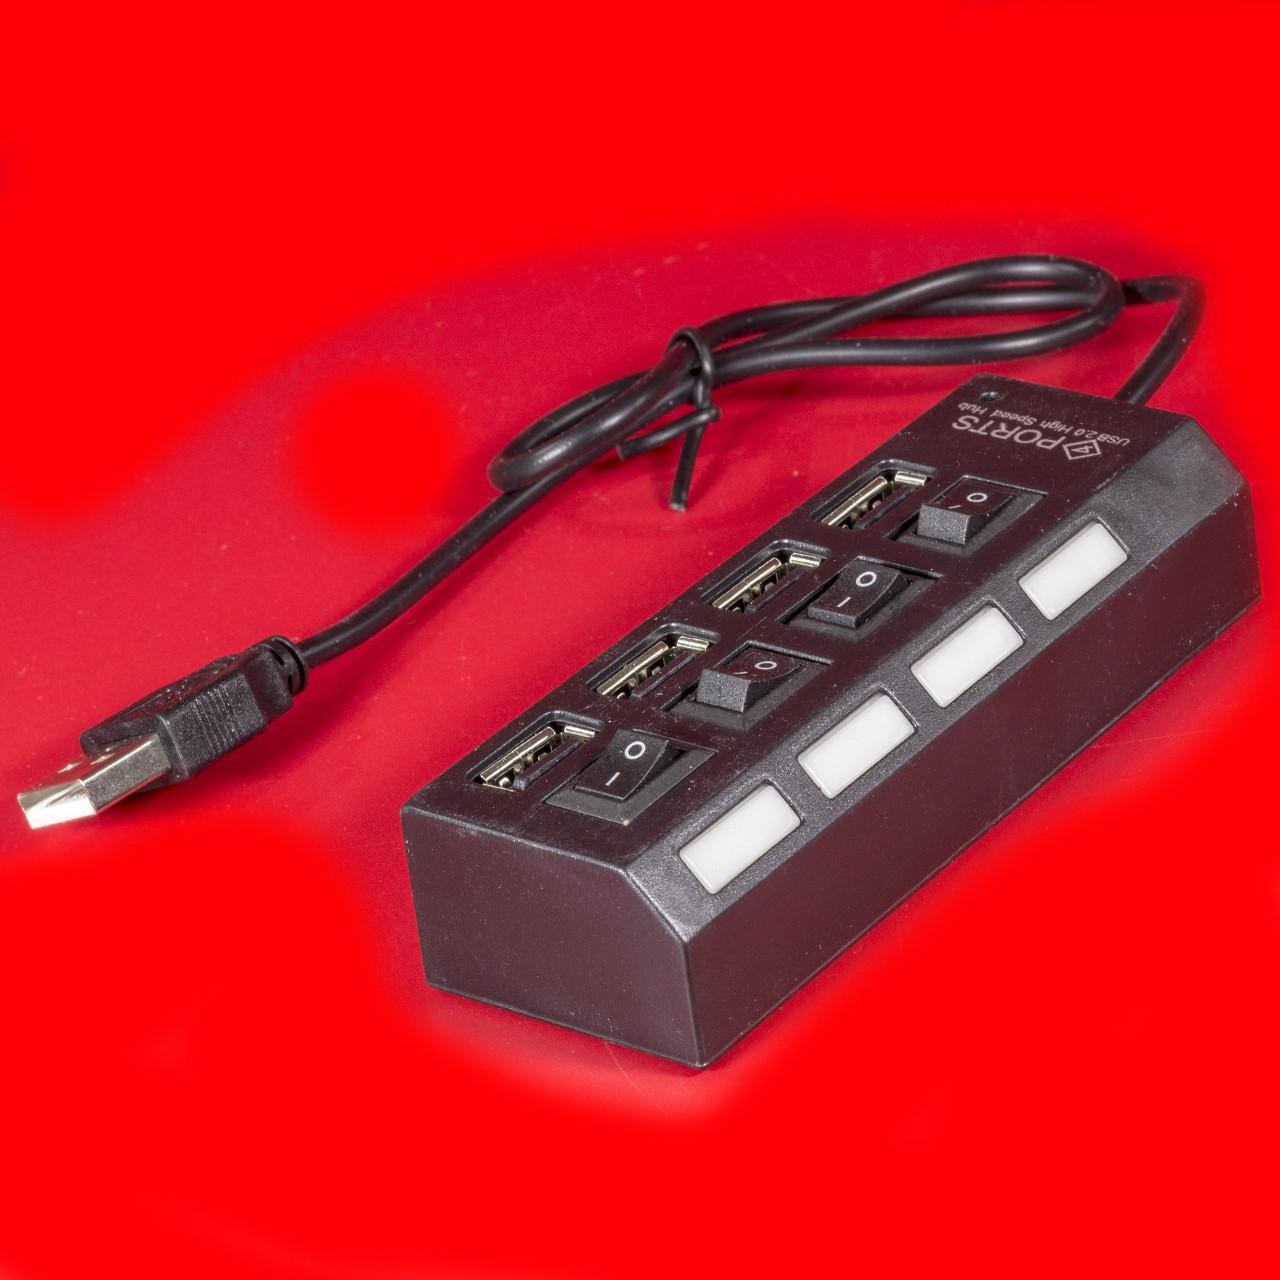 Разветвитель Lesko A035 Черный USB Hub много портов универсальный быстрый прочный компактный функциональный